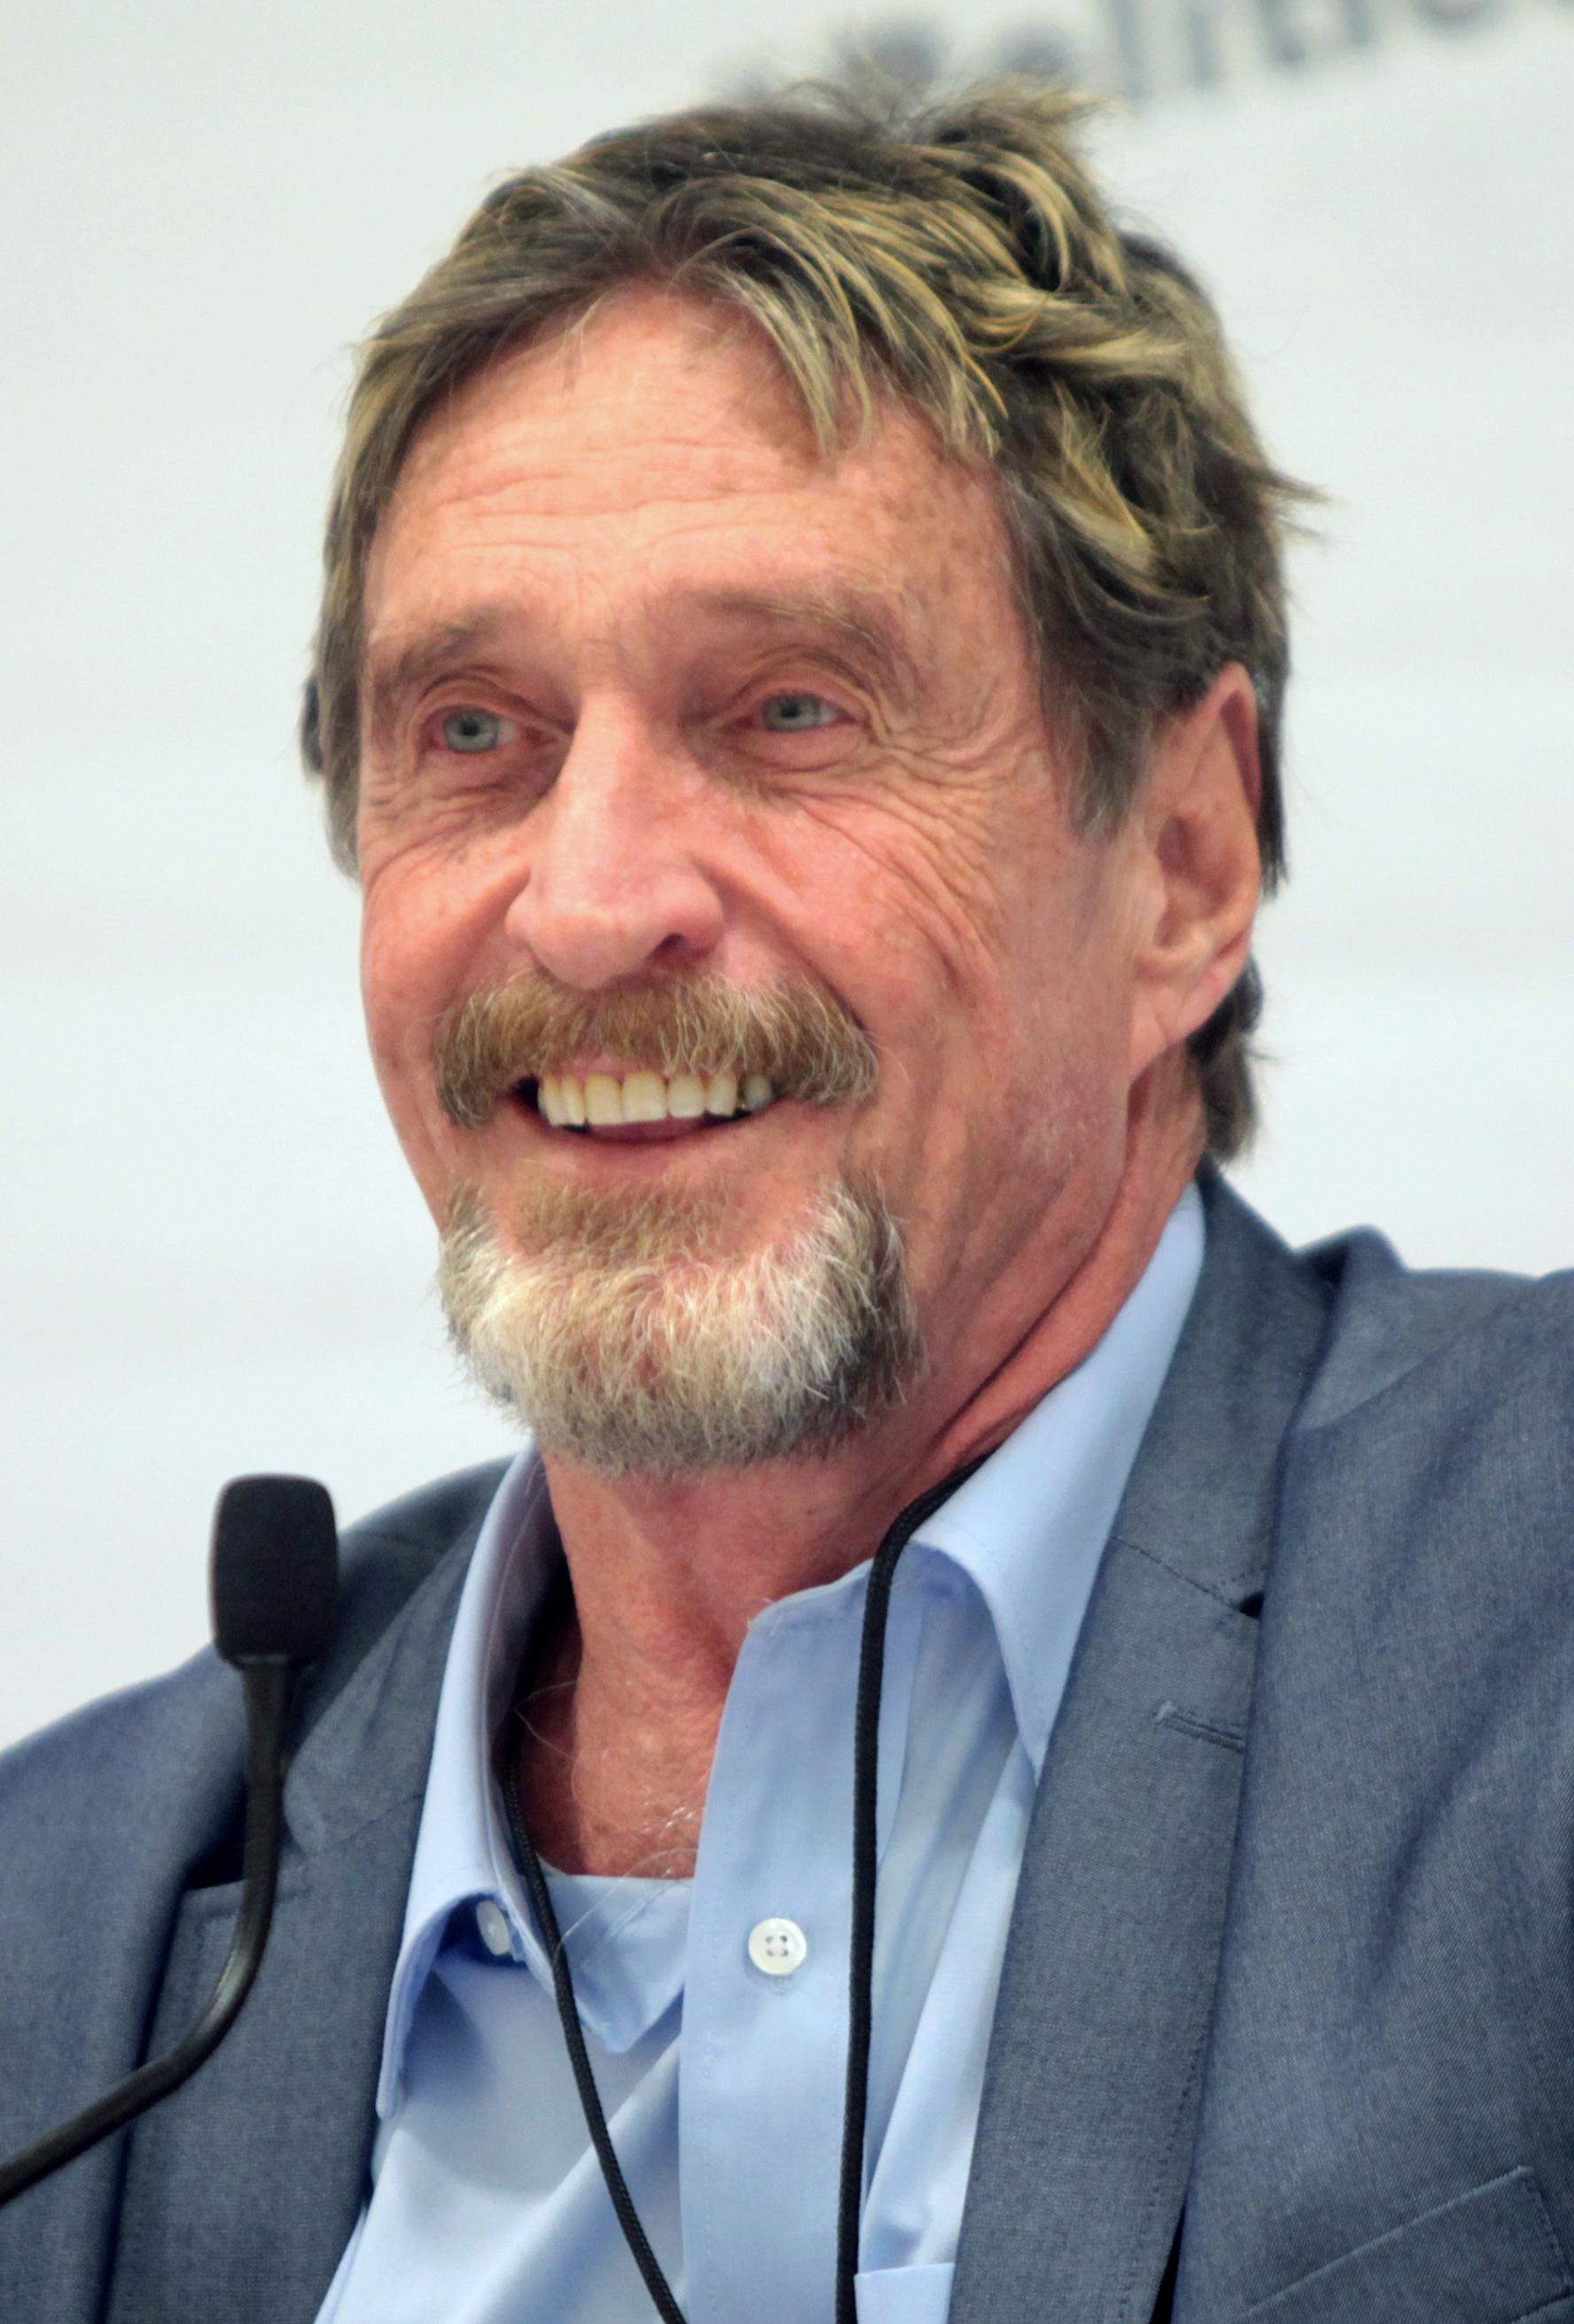 John McAfee - Wikipedia